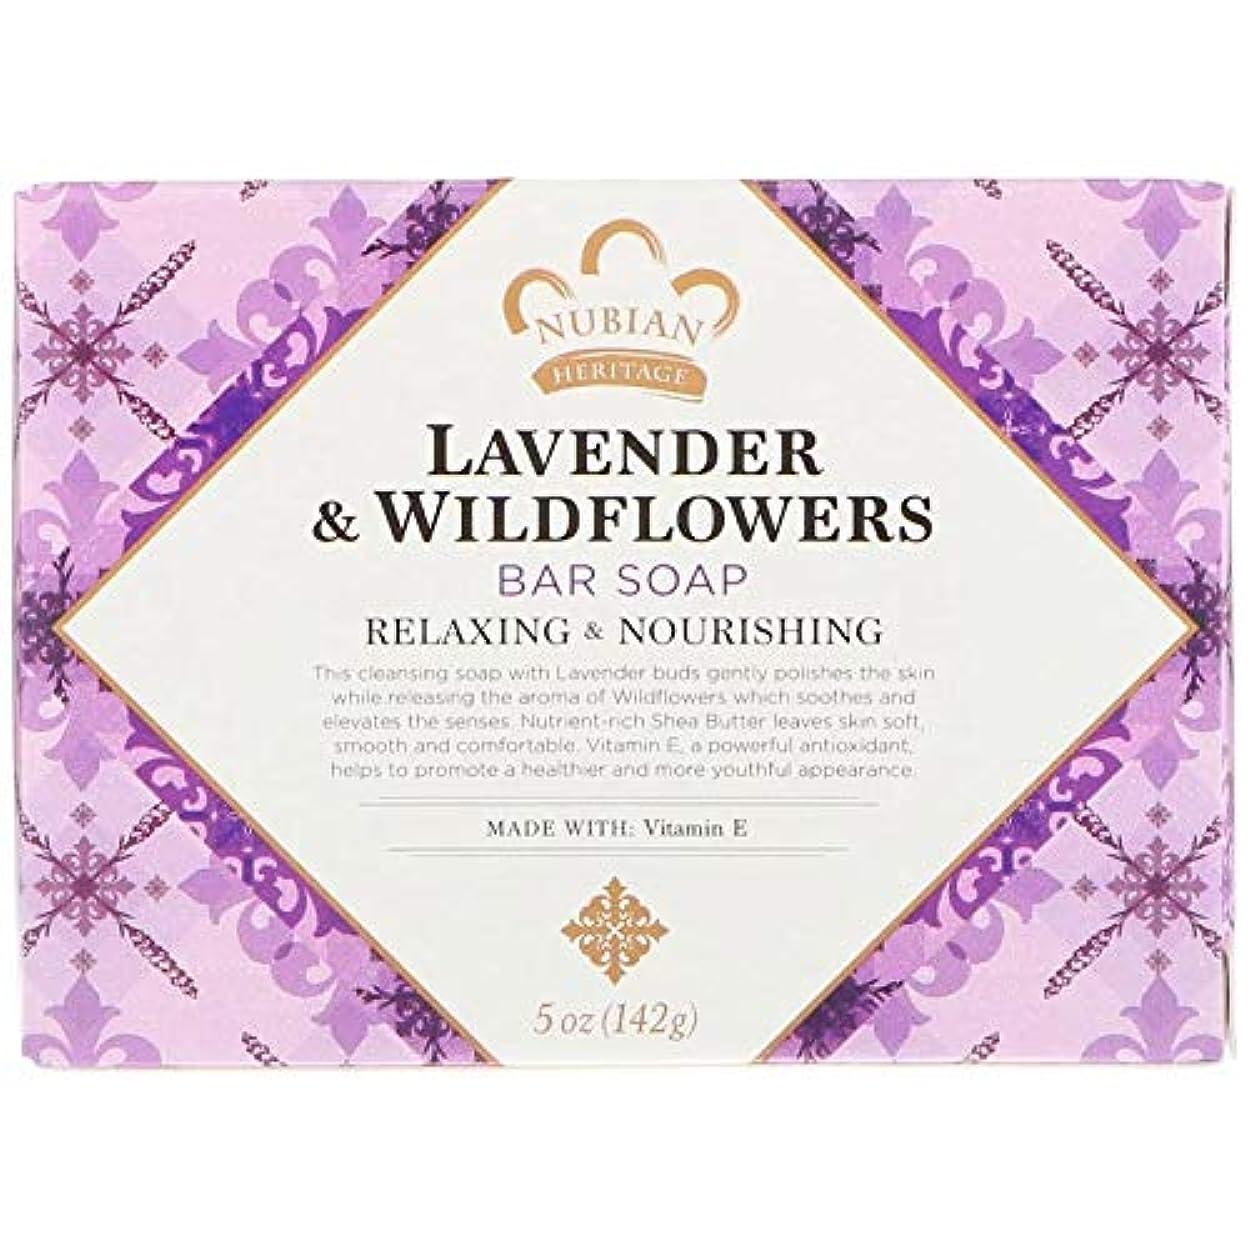 持続的費やす織機シアバターソープ石鹸 ラベンダー&ワイルドフラワー Lavender & Wildflowers Bar Soap, 5 oz (142 g) [並行輸入品]